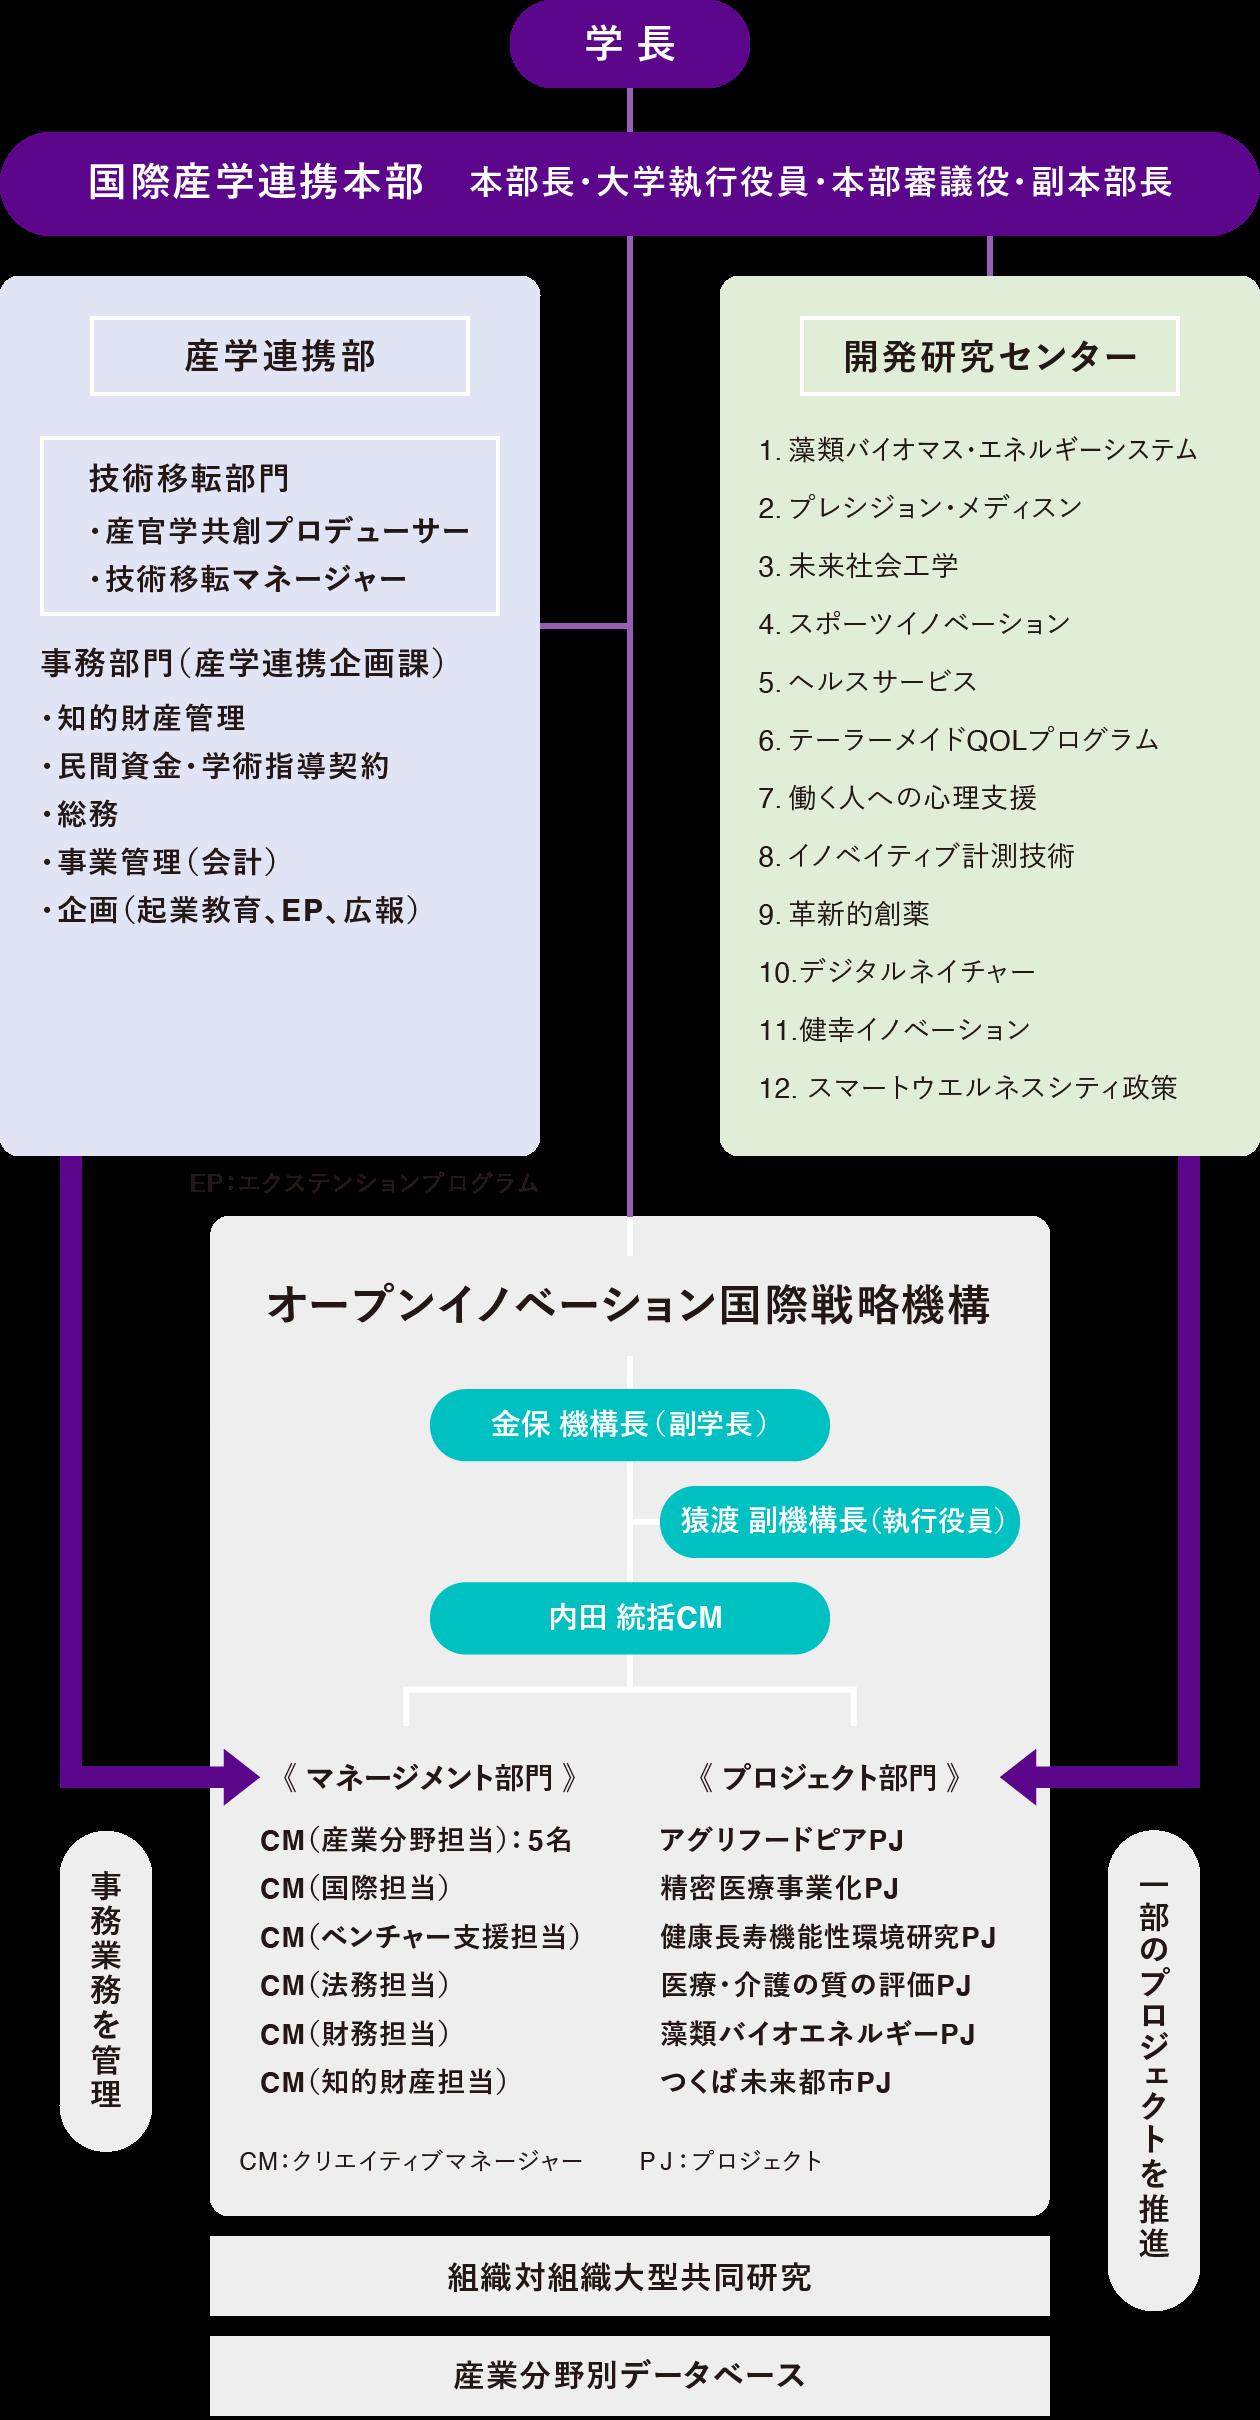 組織図|筑波大学オープンイノベーション国際戦略機構